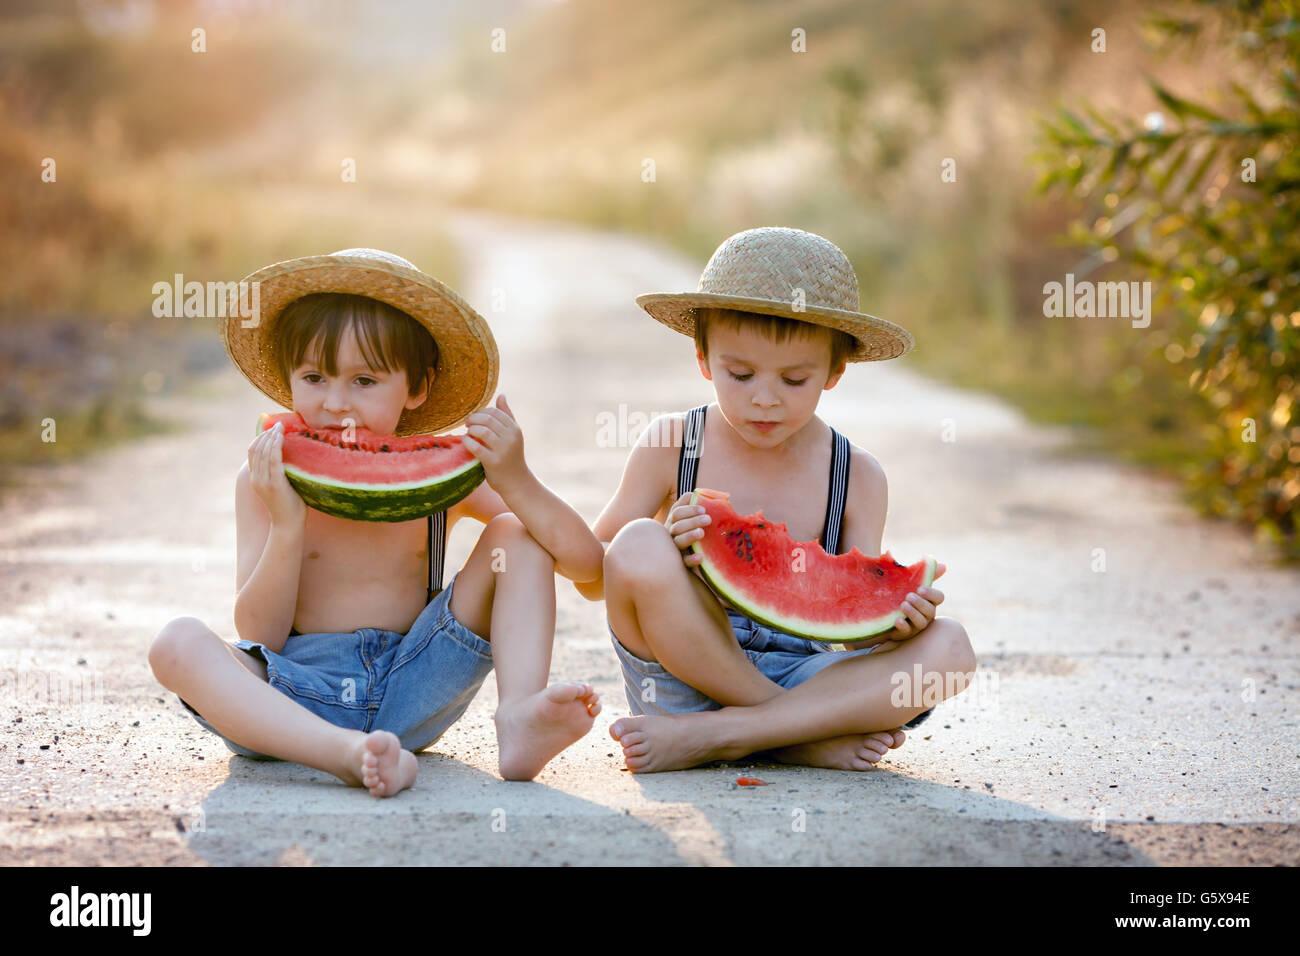 Deux adorables petits garçons, eating watermelon sur un chemin rural village de summertime Photo Stock